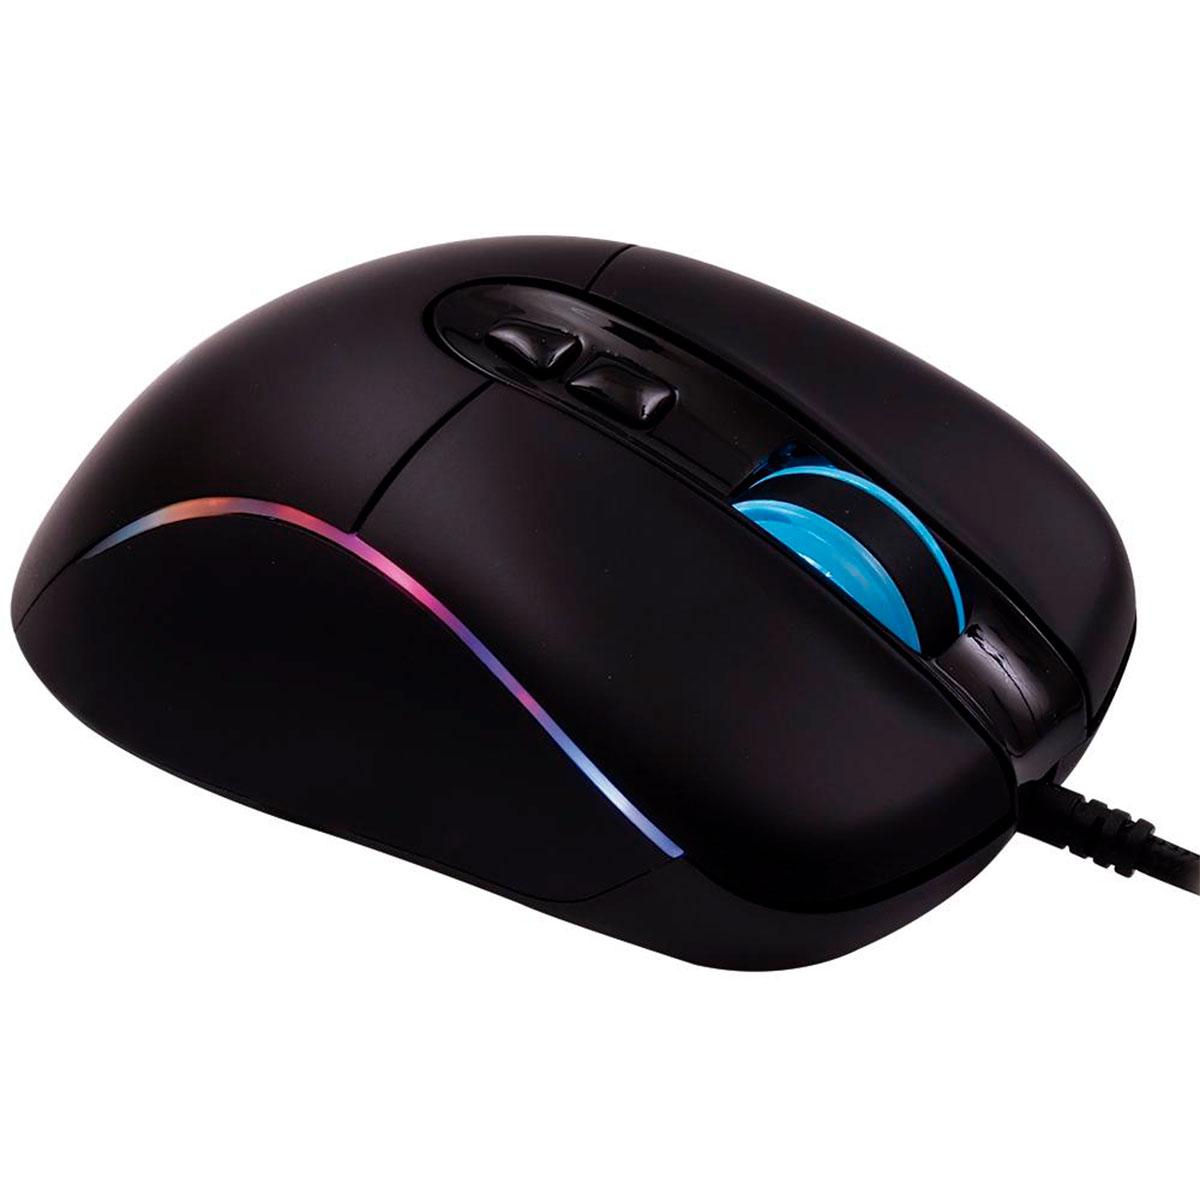 Mouse Gamer OEX Titan MS318, USB, 14400 DPI, LED RGB, 7 Botões, Sensor Pixart, Customizável, Preto